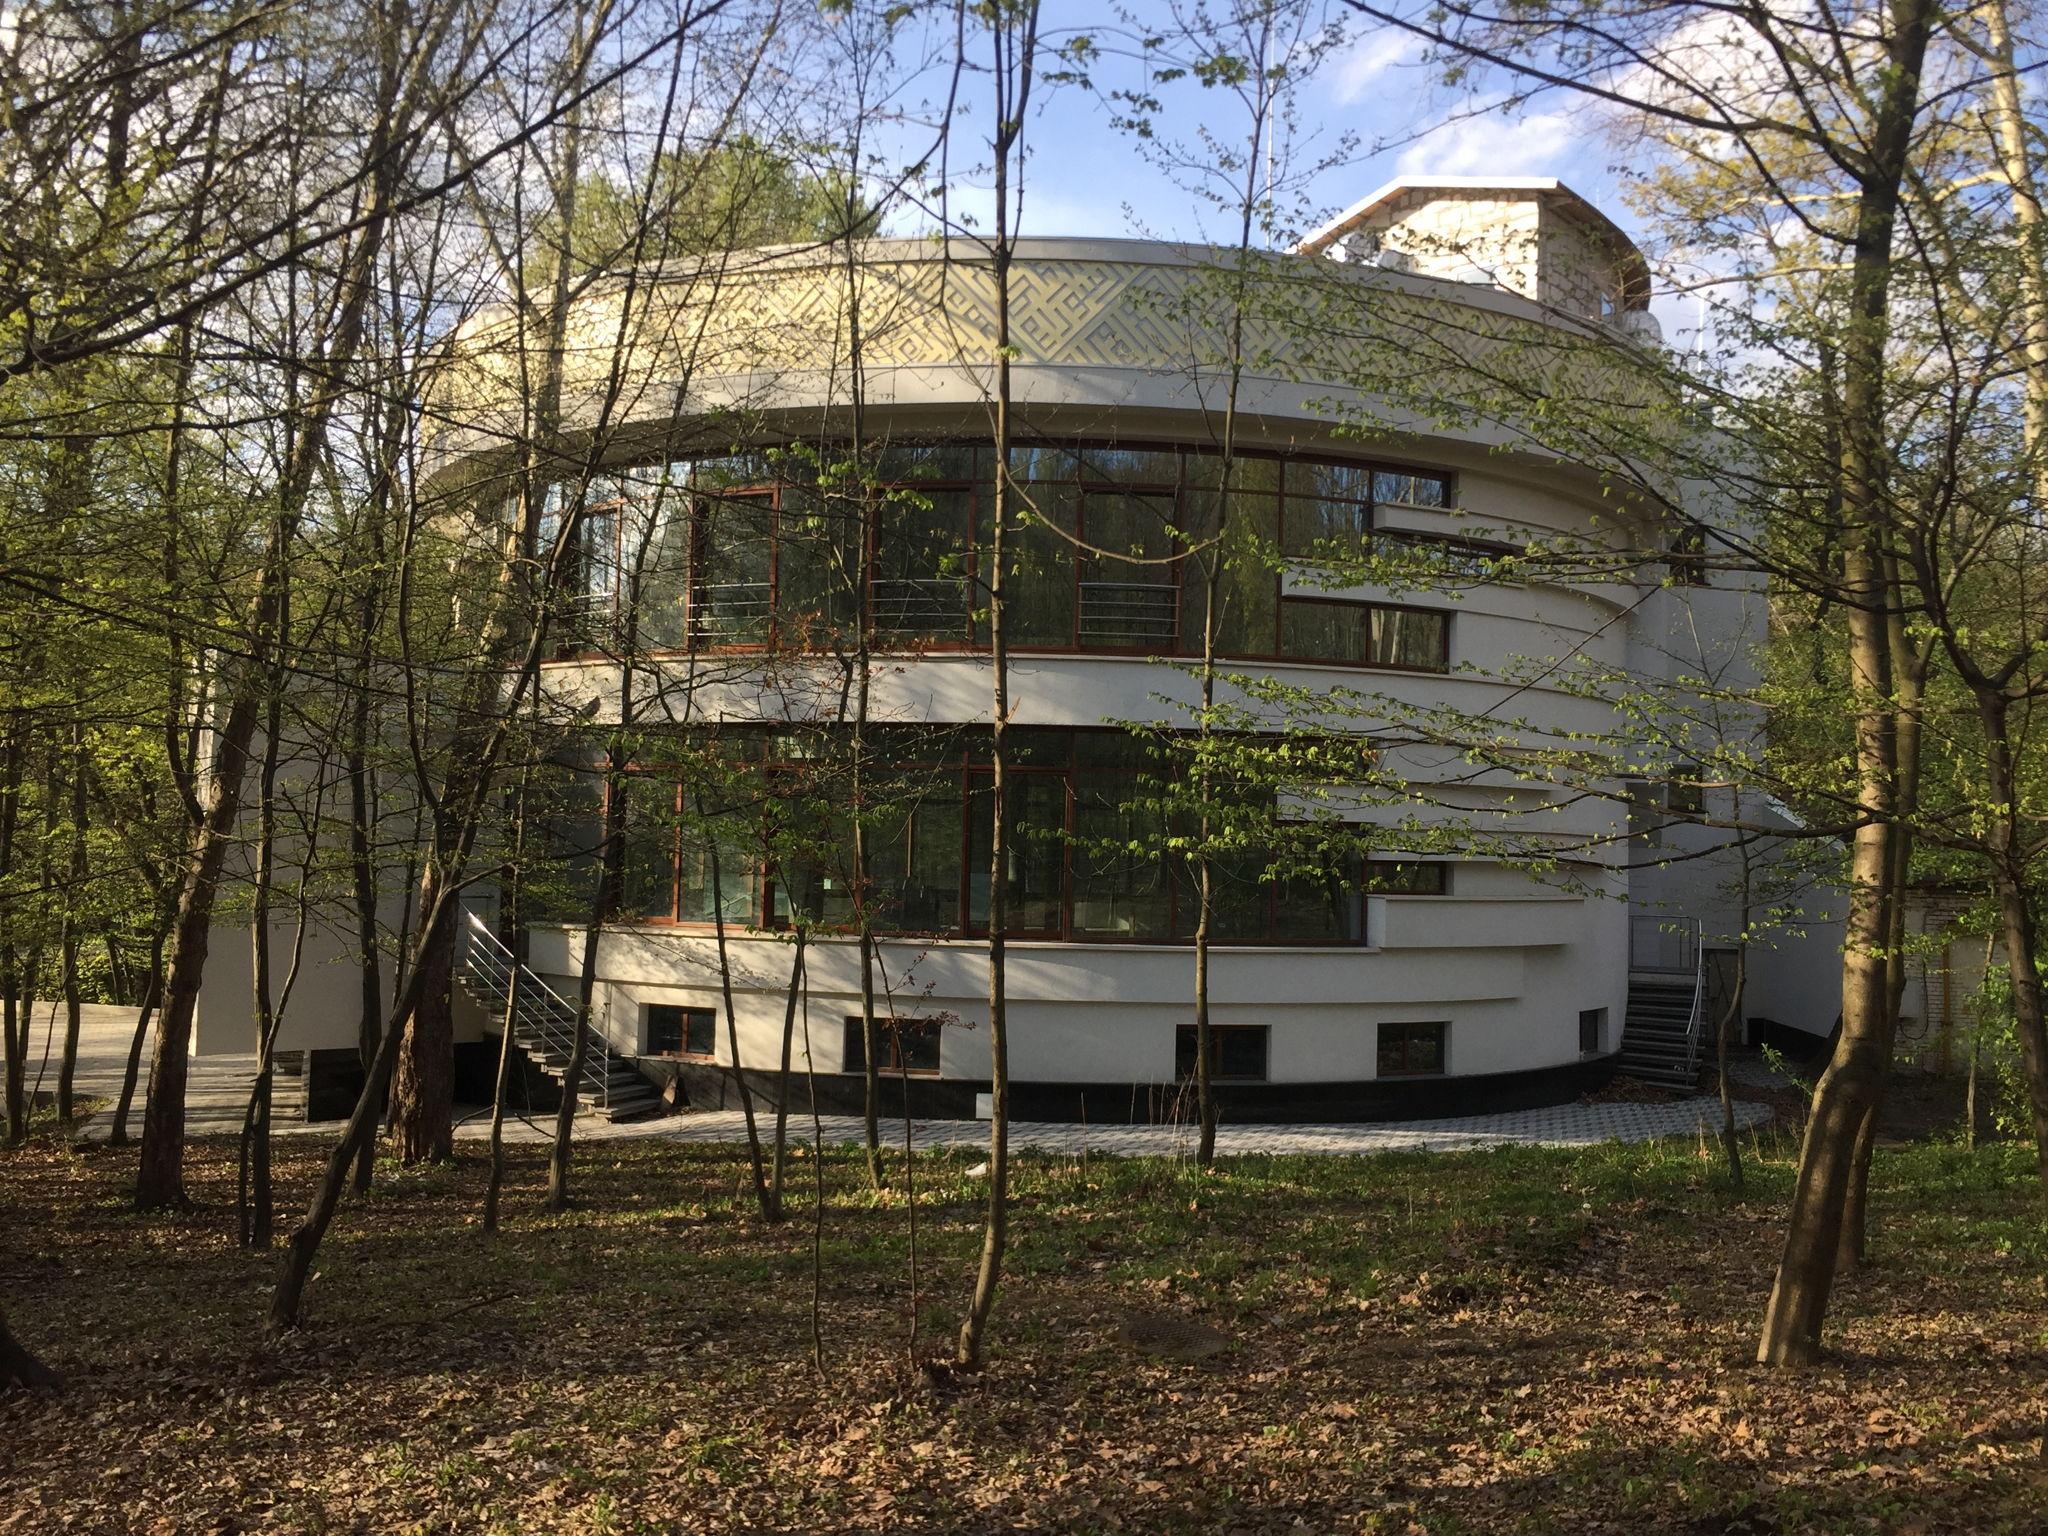 Нежилое помещение, W-5293406, Голосеевский проспект (40-летия Октября просп.), 87, Киев - Фото 2